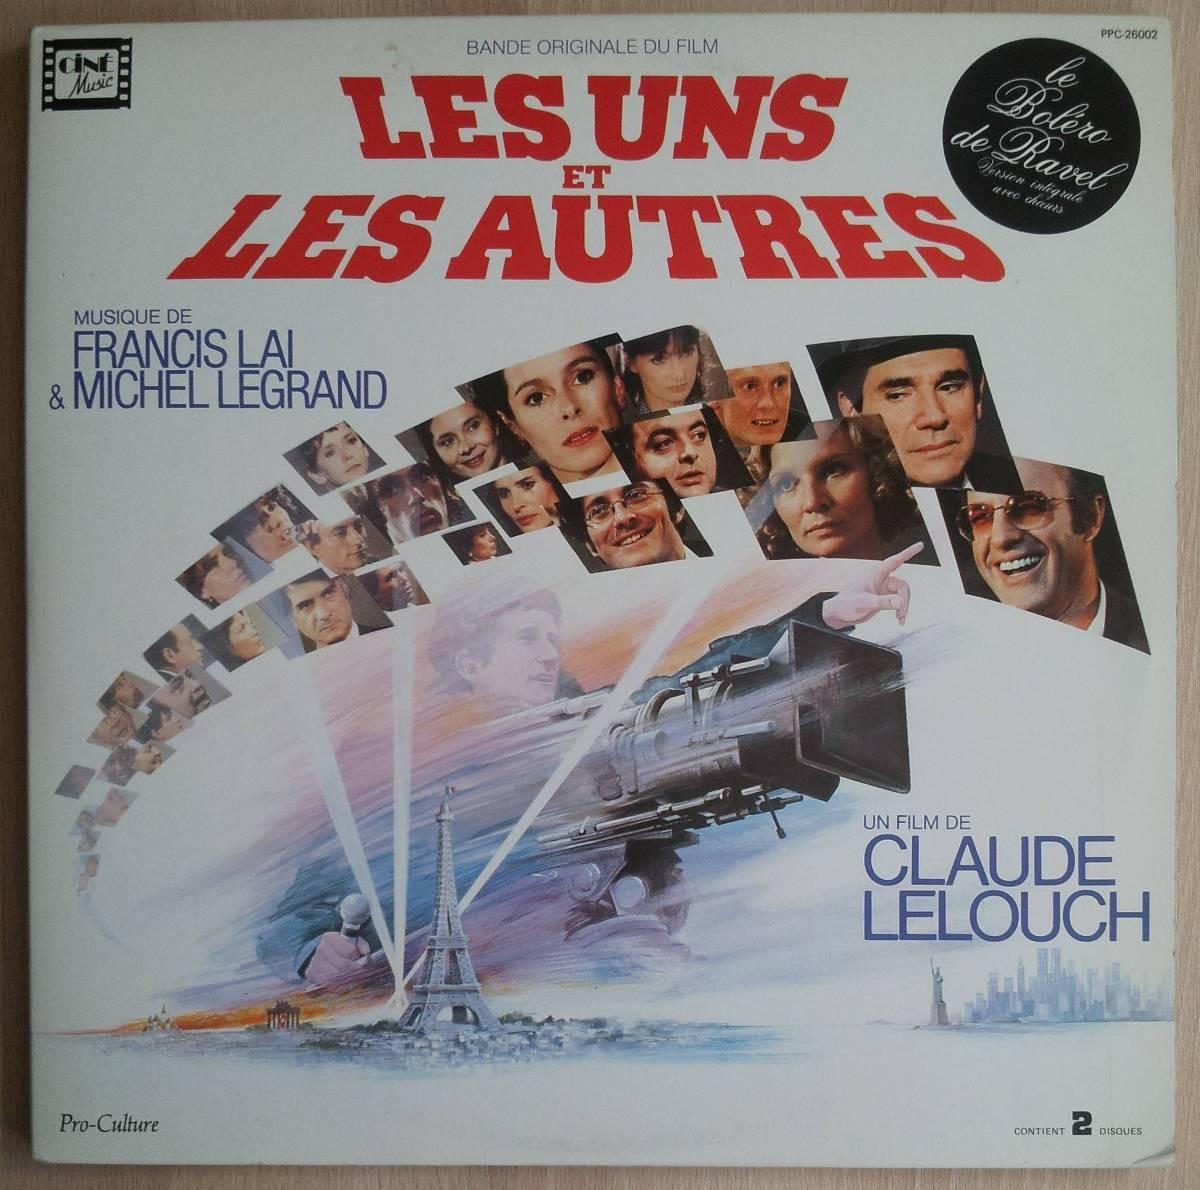 Lai Francis Michel Legrand - Les Uns Et Les Autres